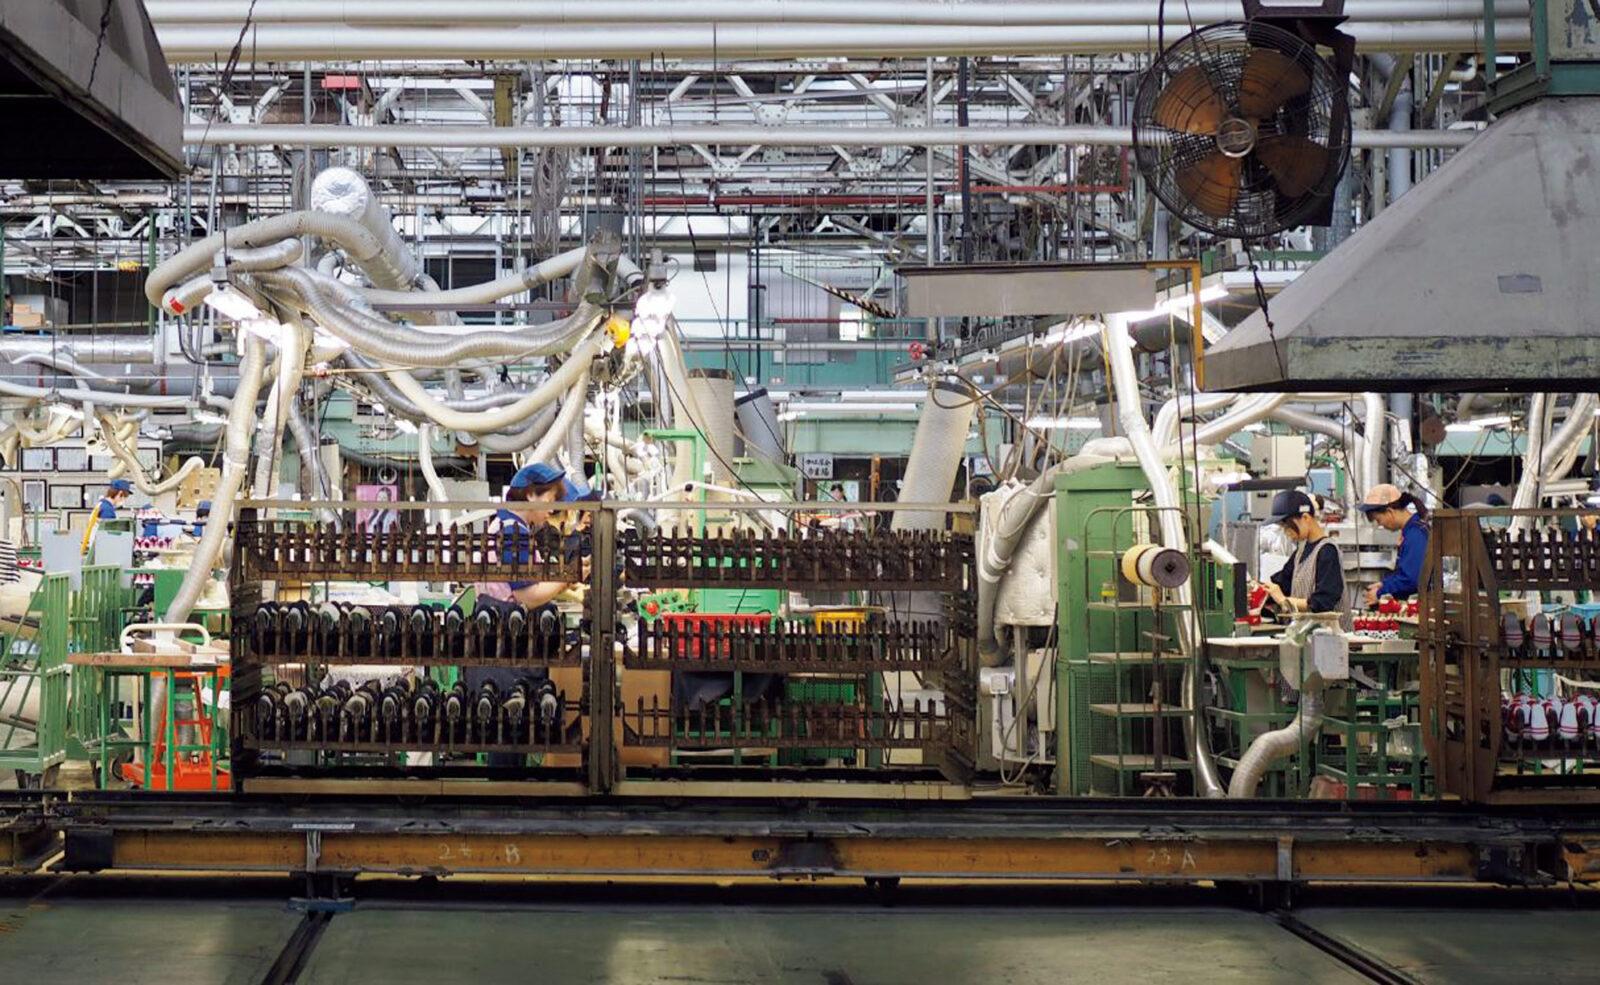 設備の充実もさることながら、手作業がメイン。約42,000坪もの広大な敷地にはいくつもの工場が並ぶ。しかし精巧で美しいシルエットは、基本的に職人の手から生まれている。